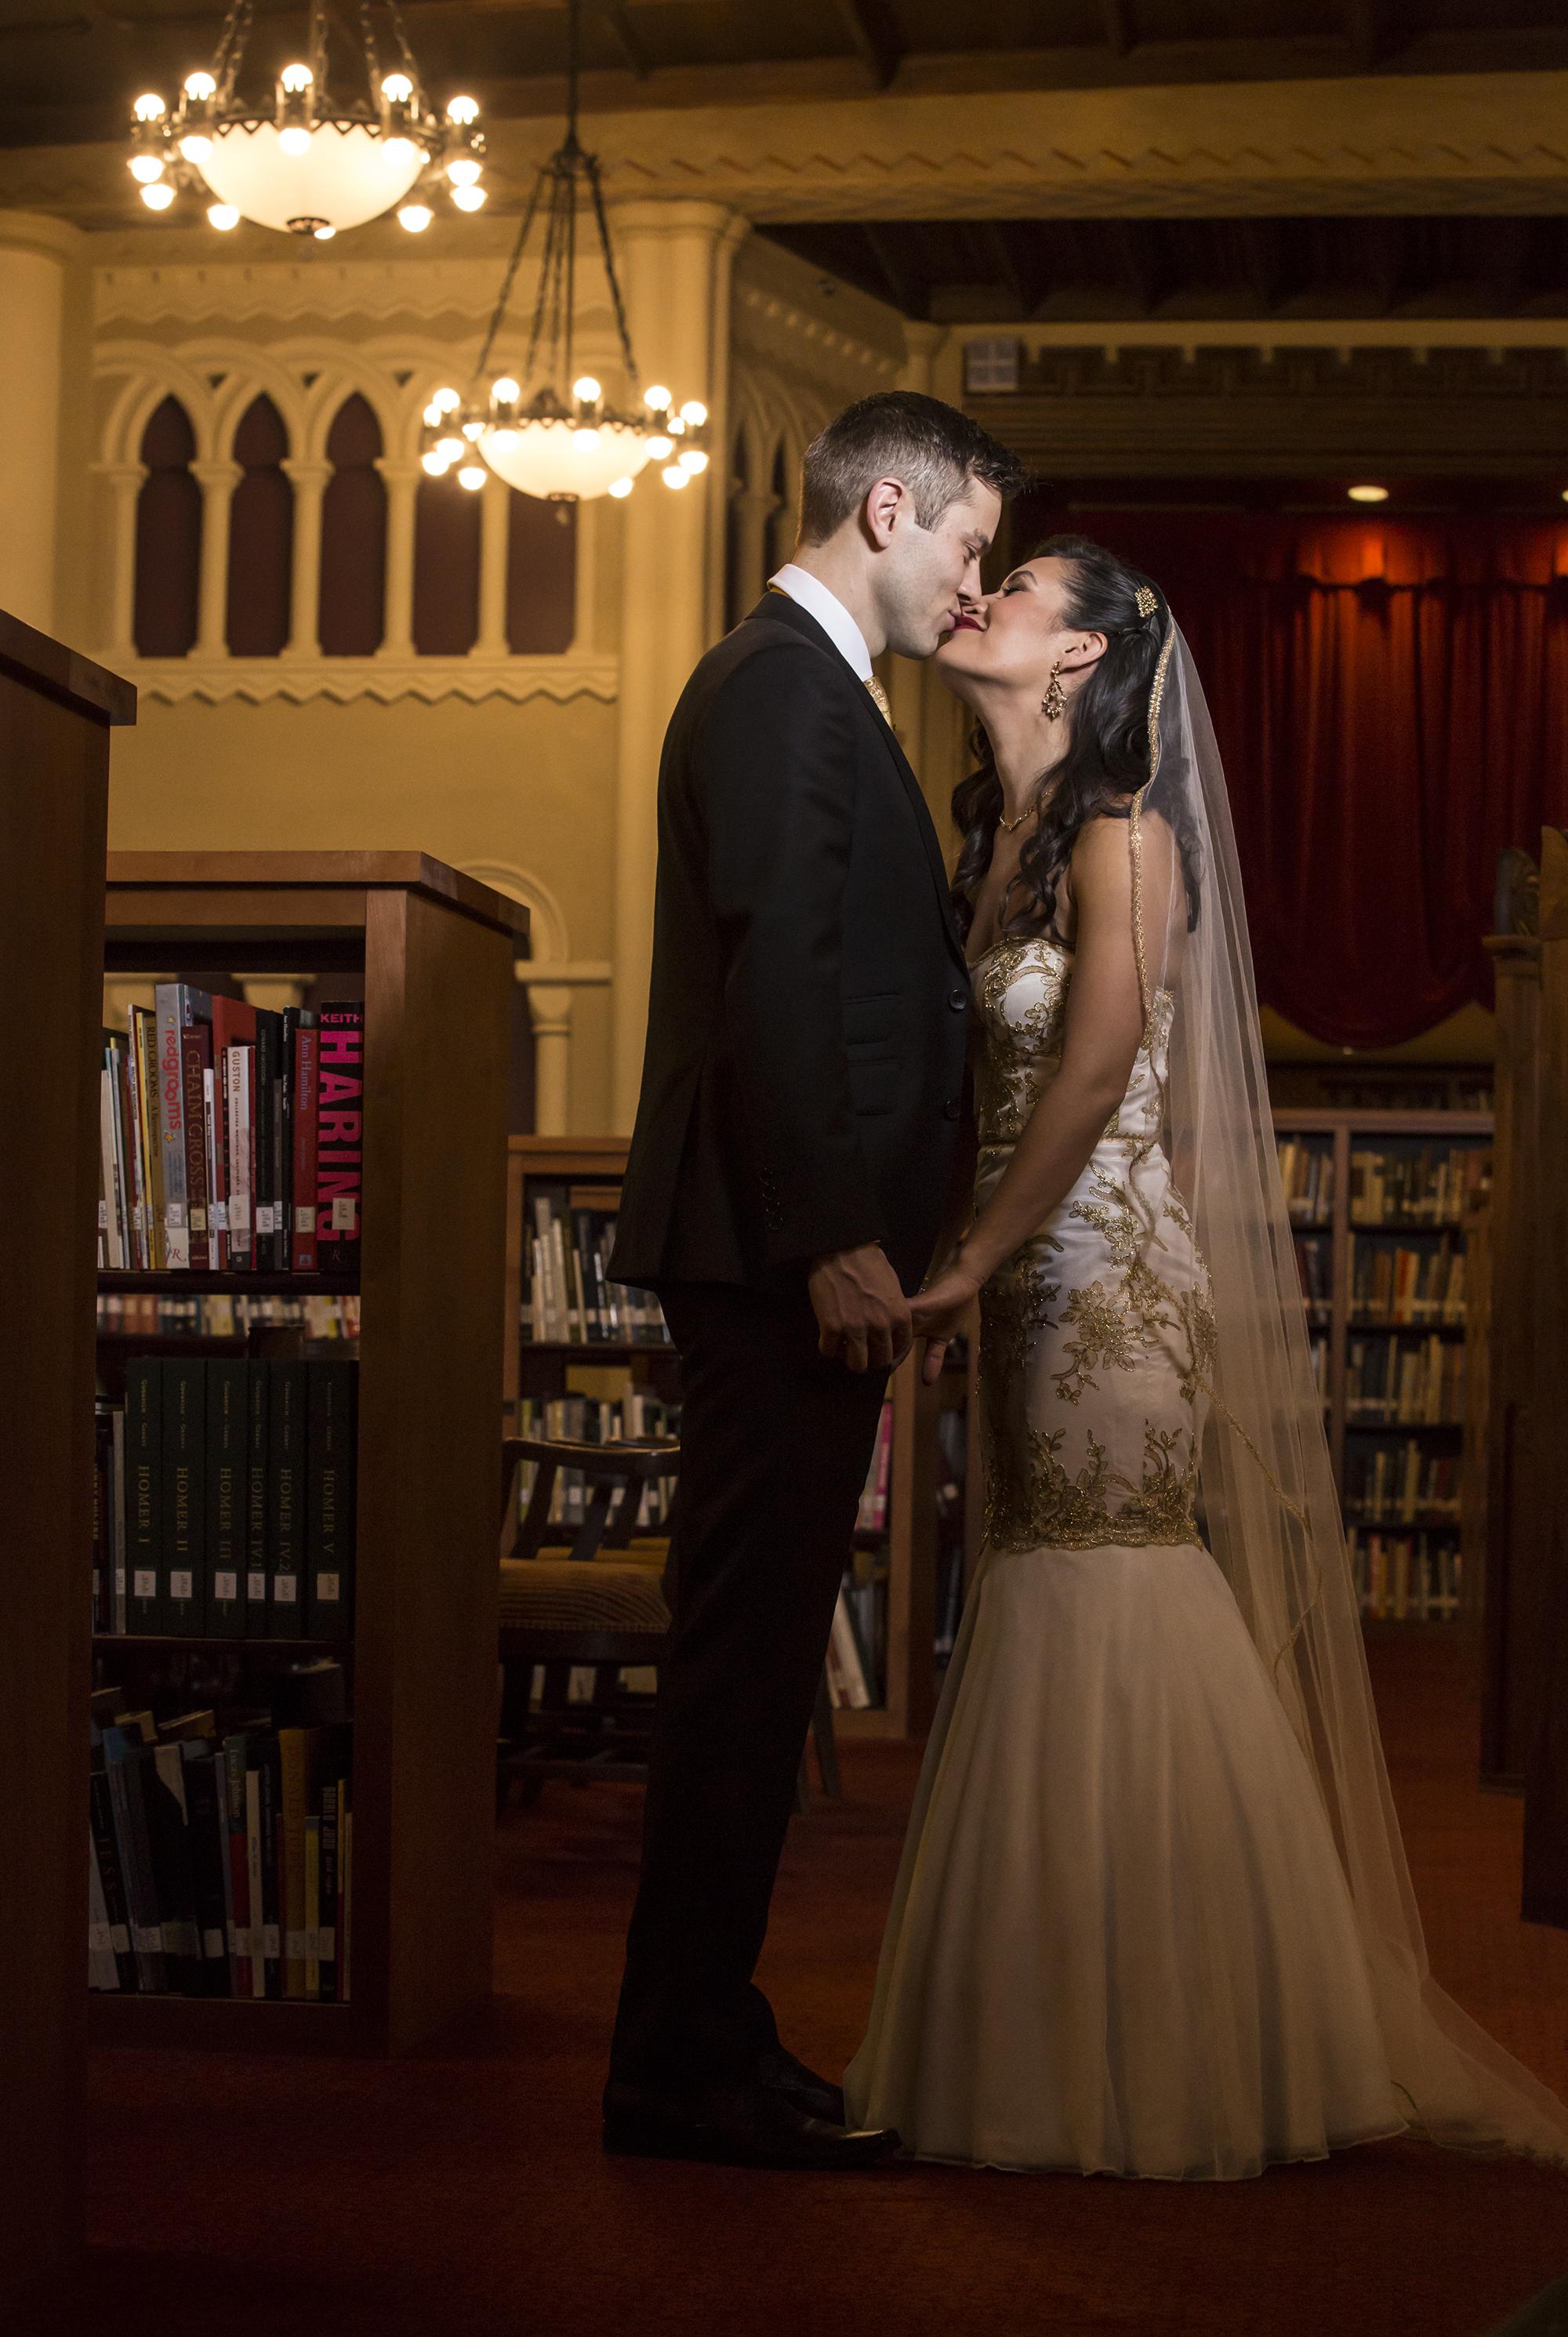 Lauritzen Wedding09_JH.jpg